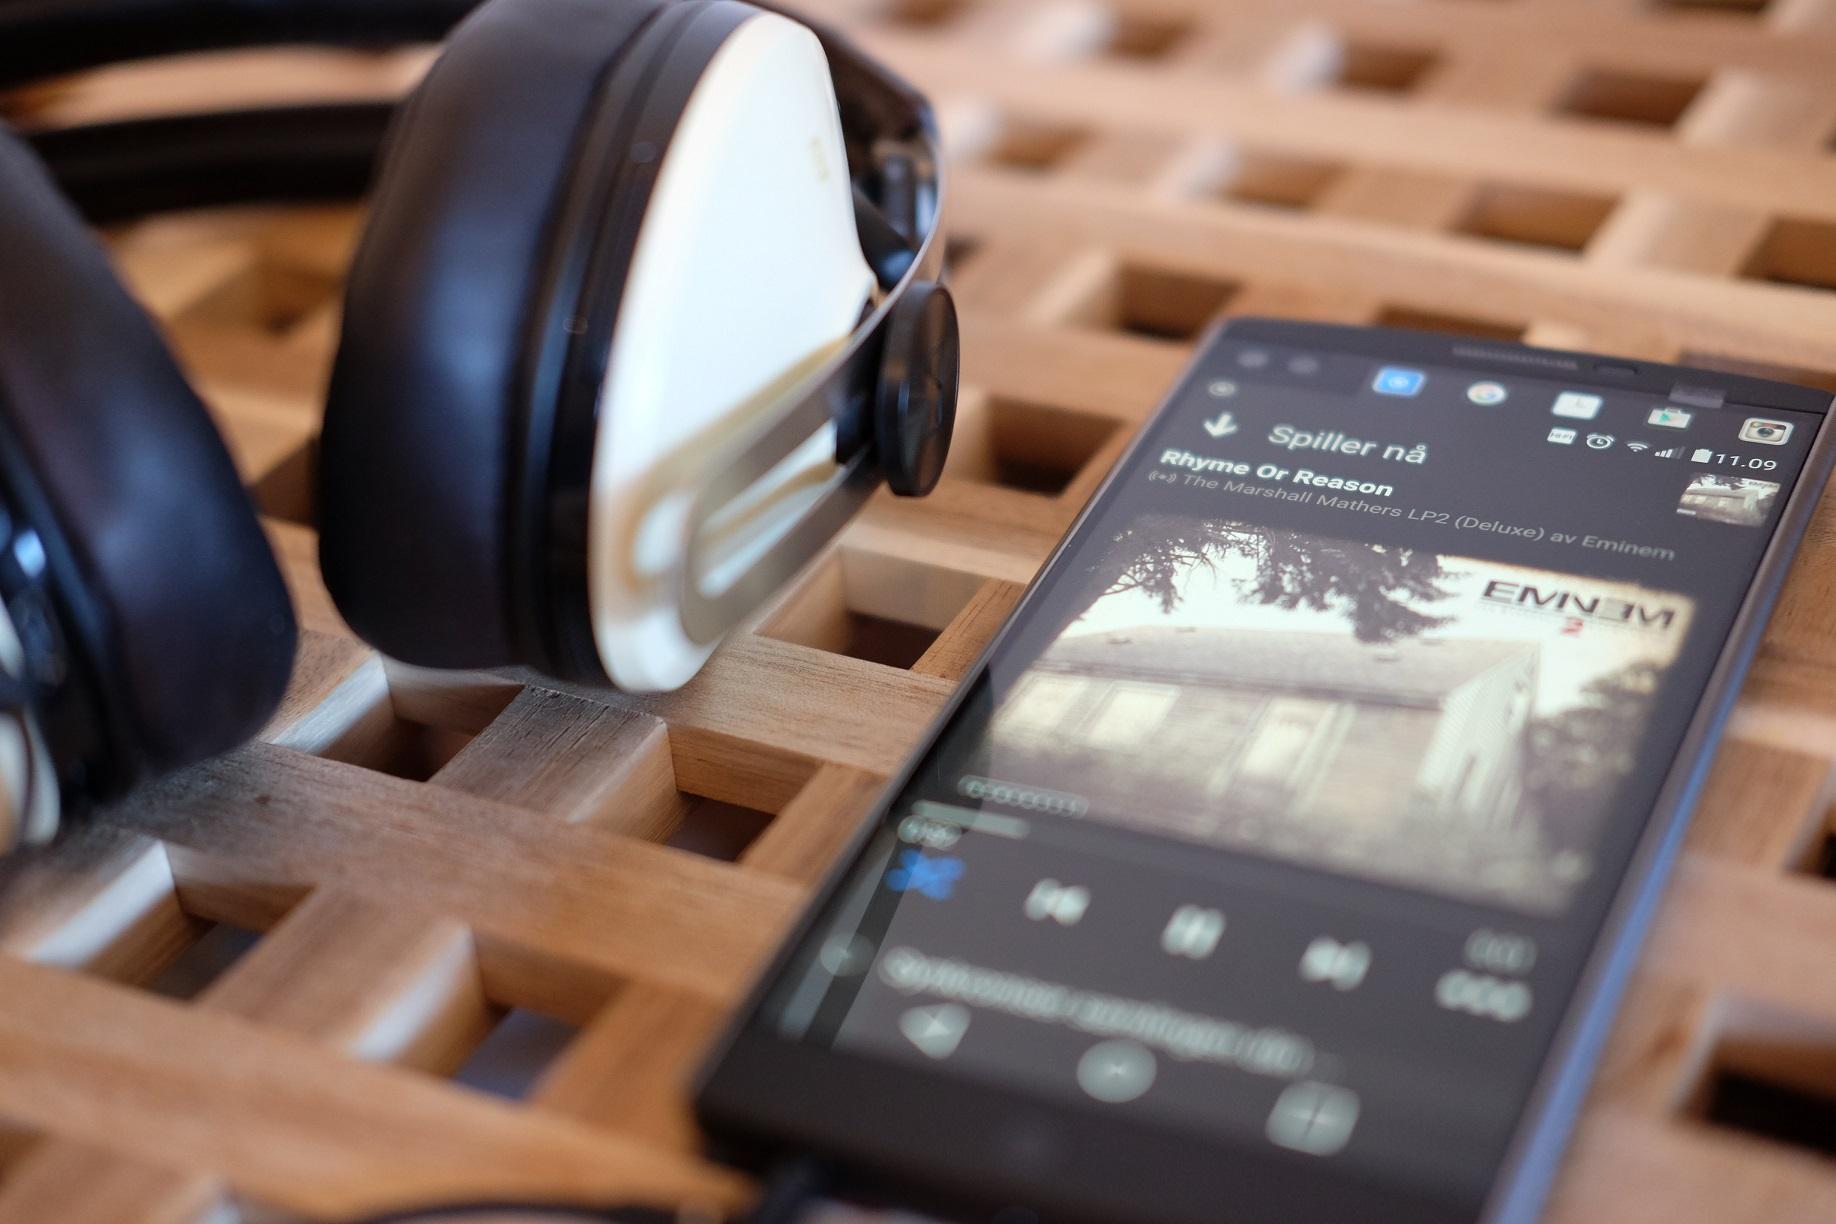 Batterinivå for Bluetooth-tilbehør blir trolig standard i Android.